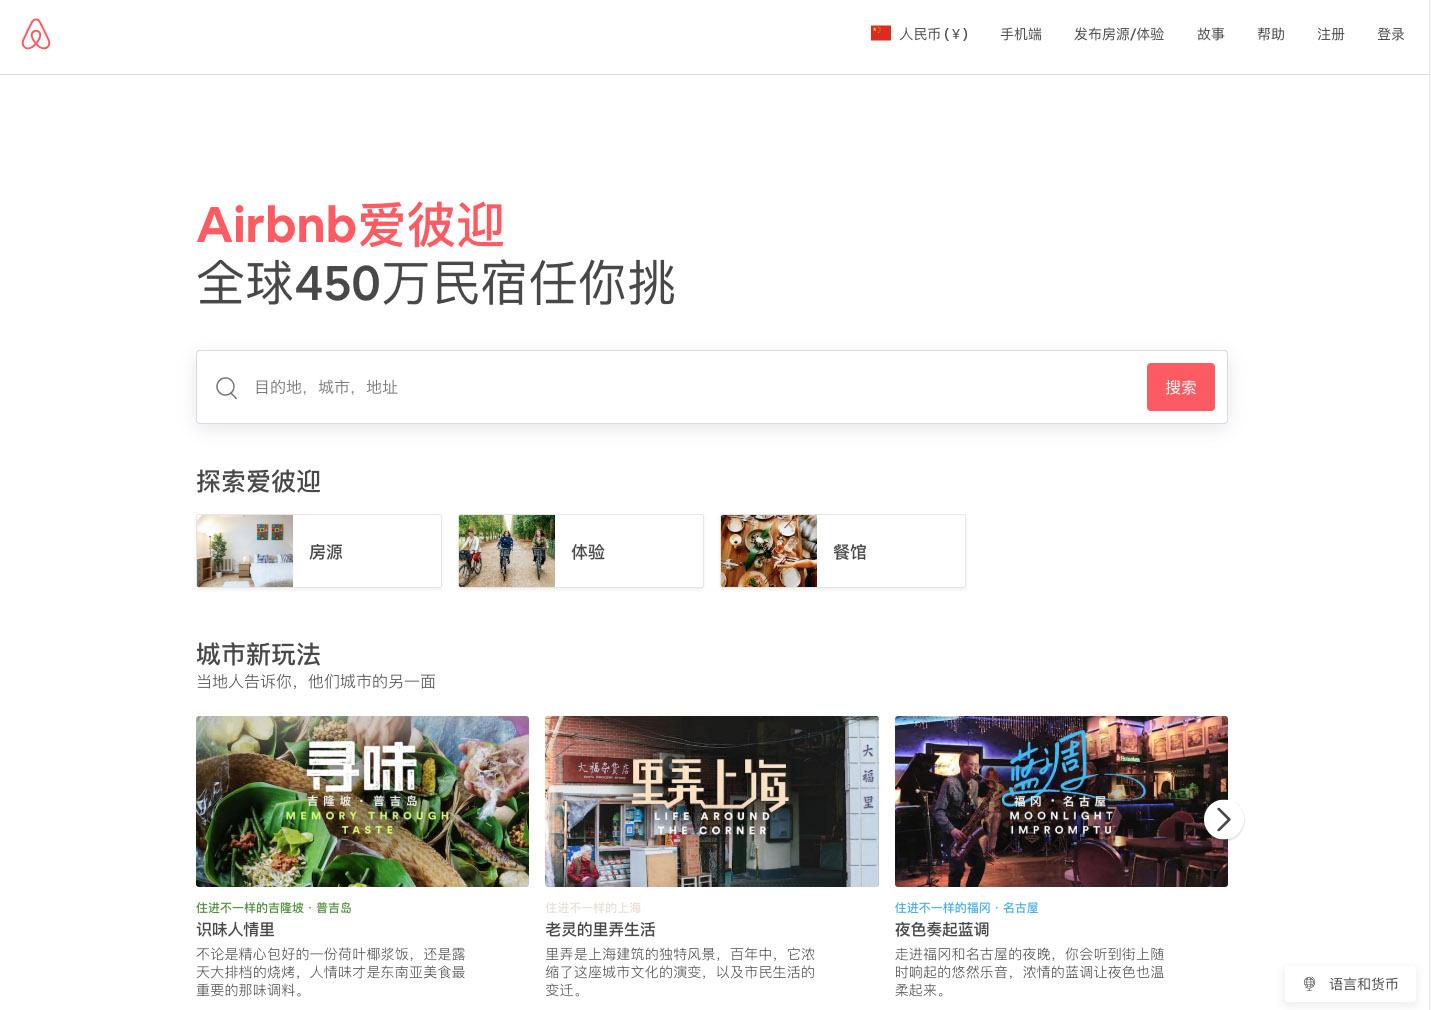 에어비앤비 중국어 홈페이지 ©Airbnb